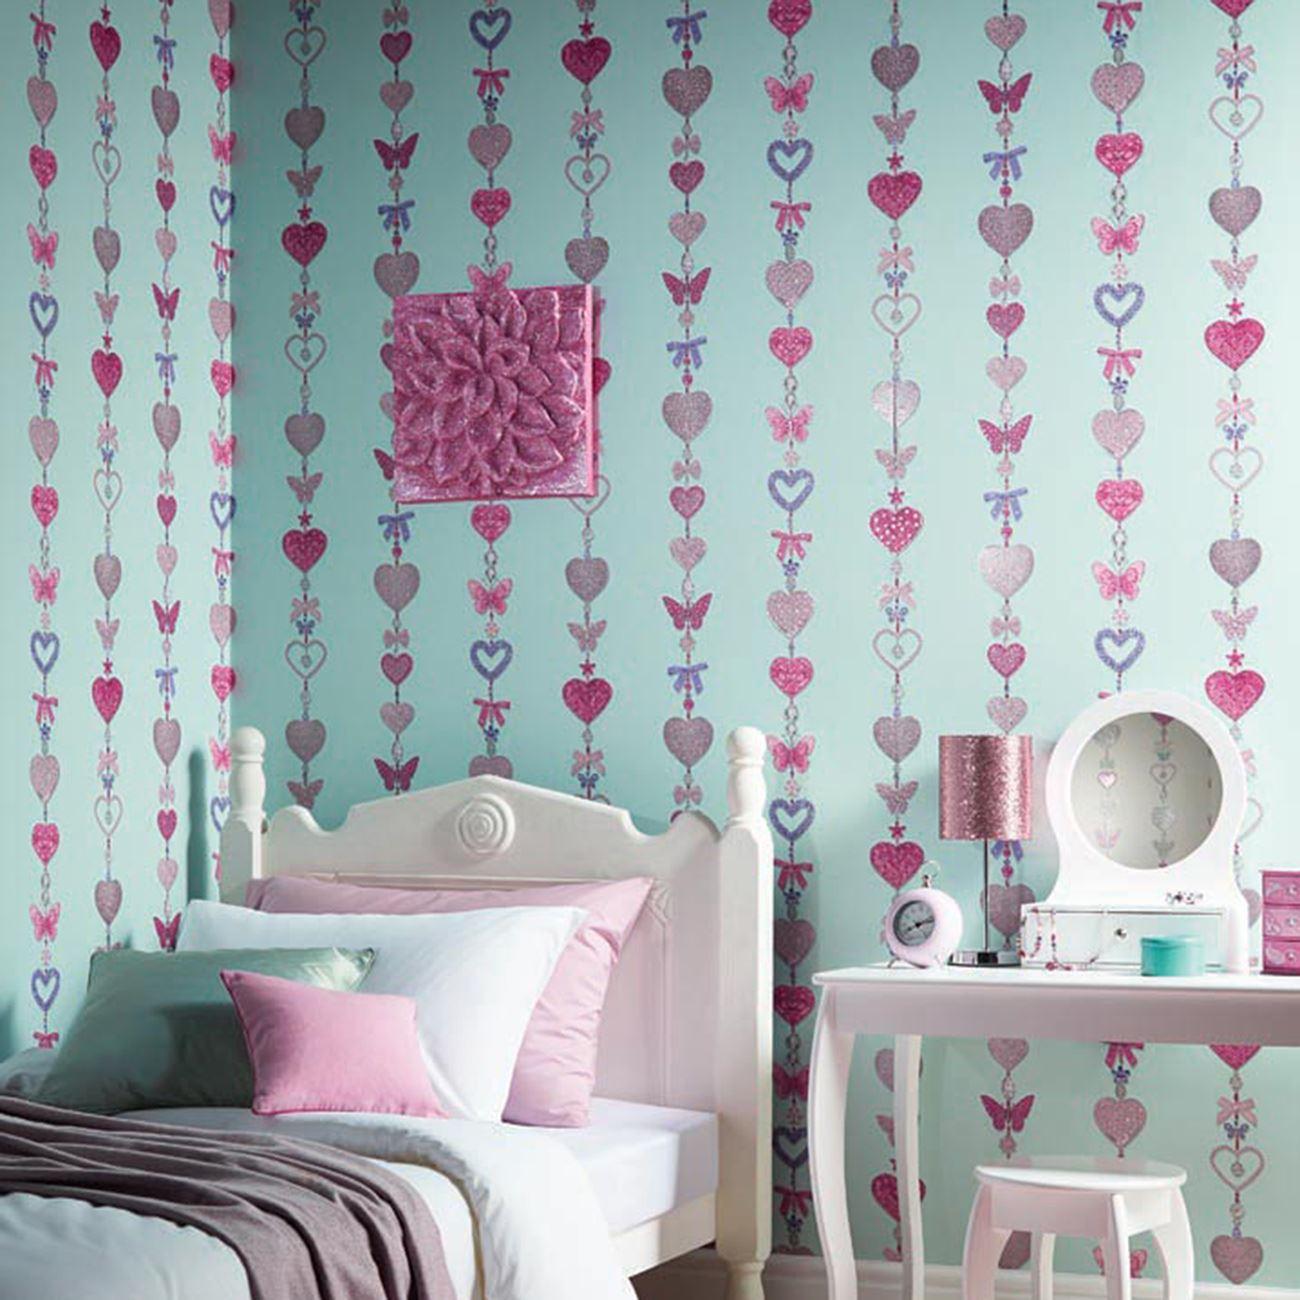 GIRLS WALLPAPER THEMED BEDROOM UNICORN STARS HEART GLITTER CHIC - Duck egg blue bedroom wallpaper